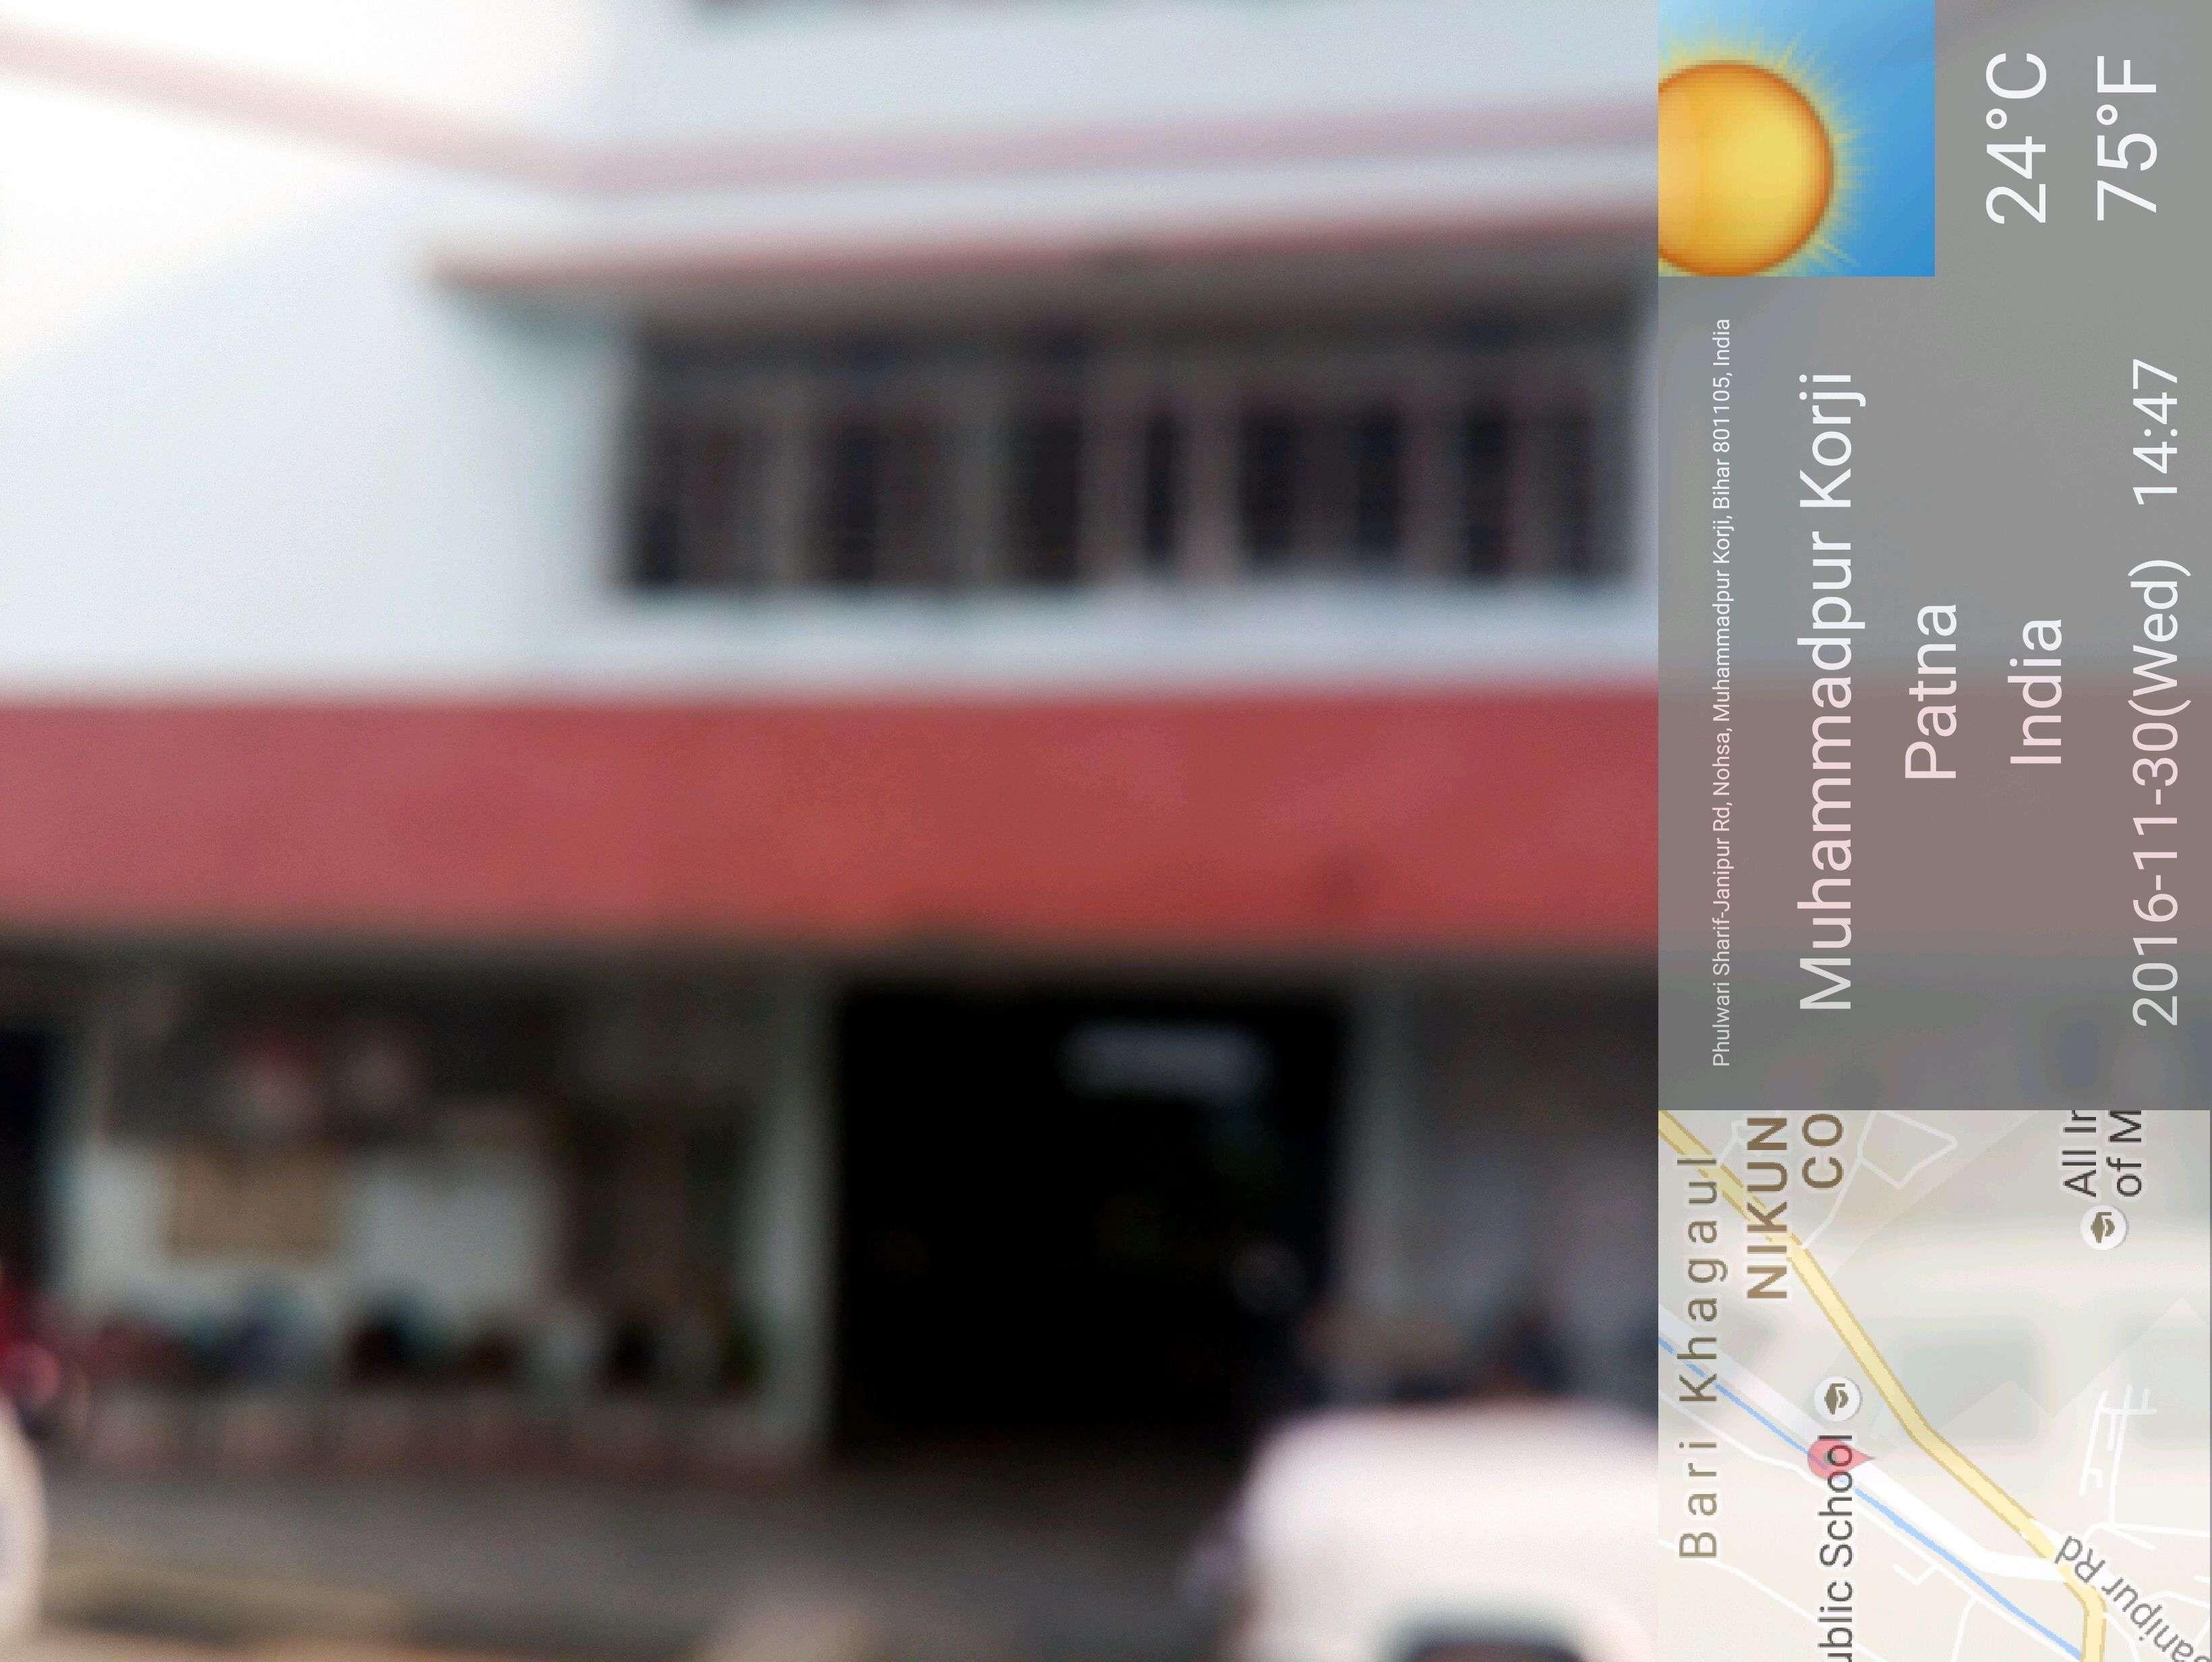 D A V PUBLIC SCHOOL WALMI COMPLEX PHULWARI SHARIF PATNA BIHAR - The